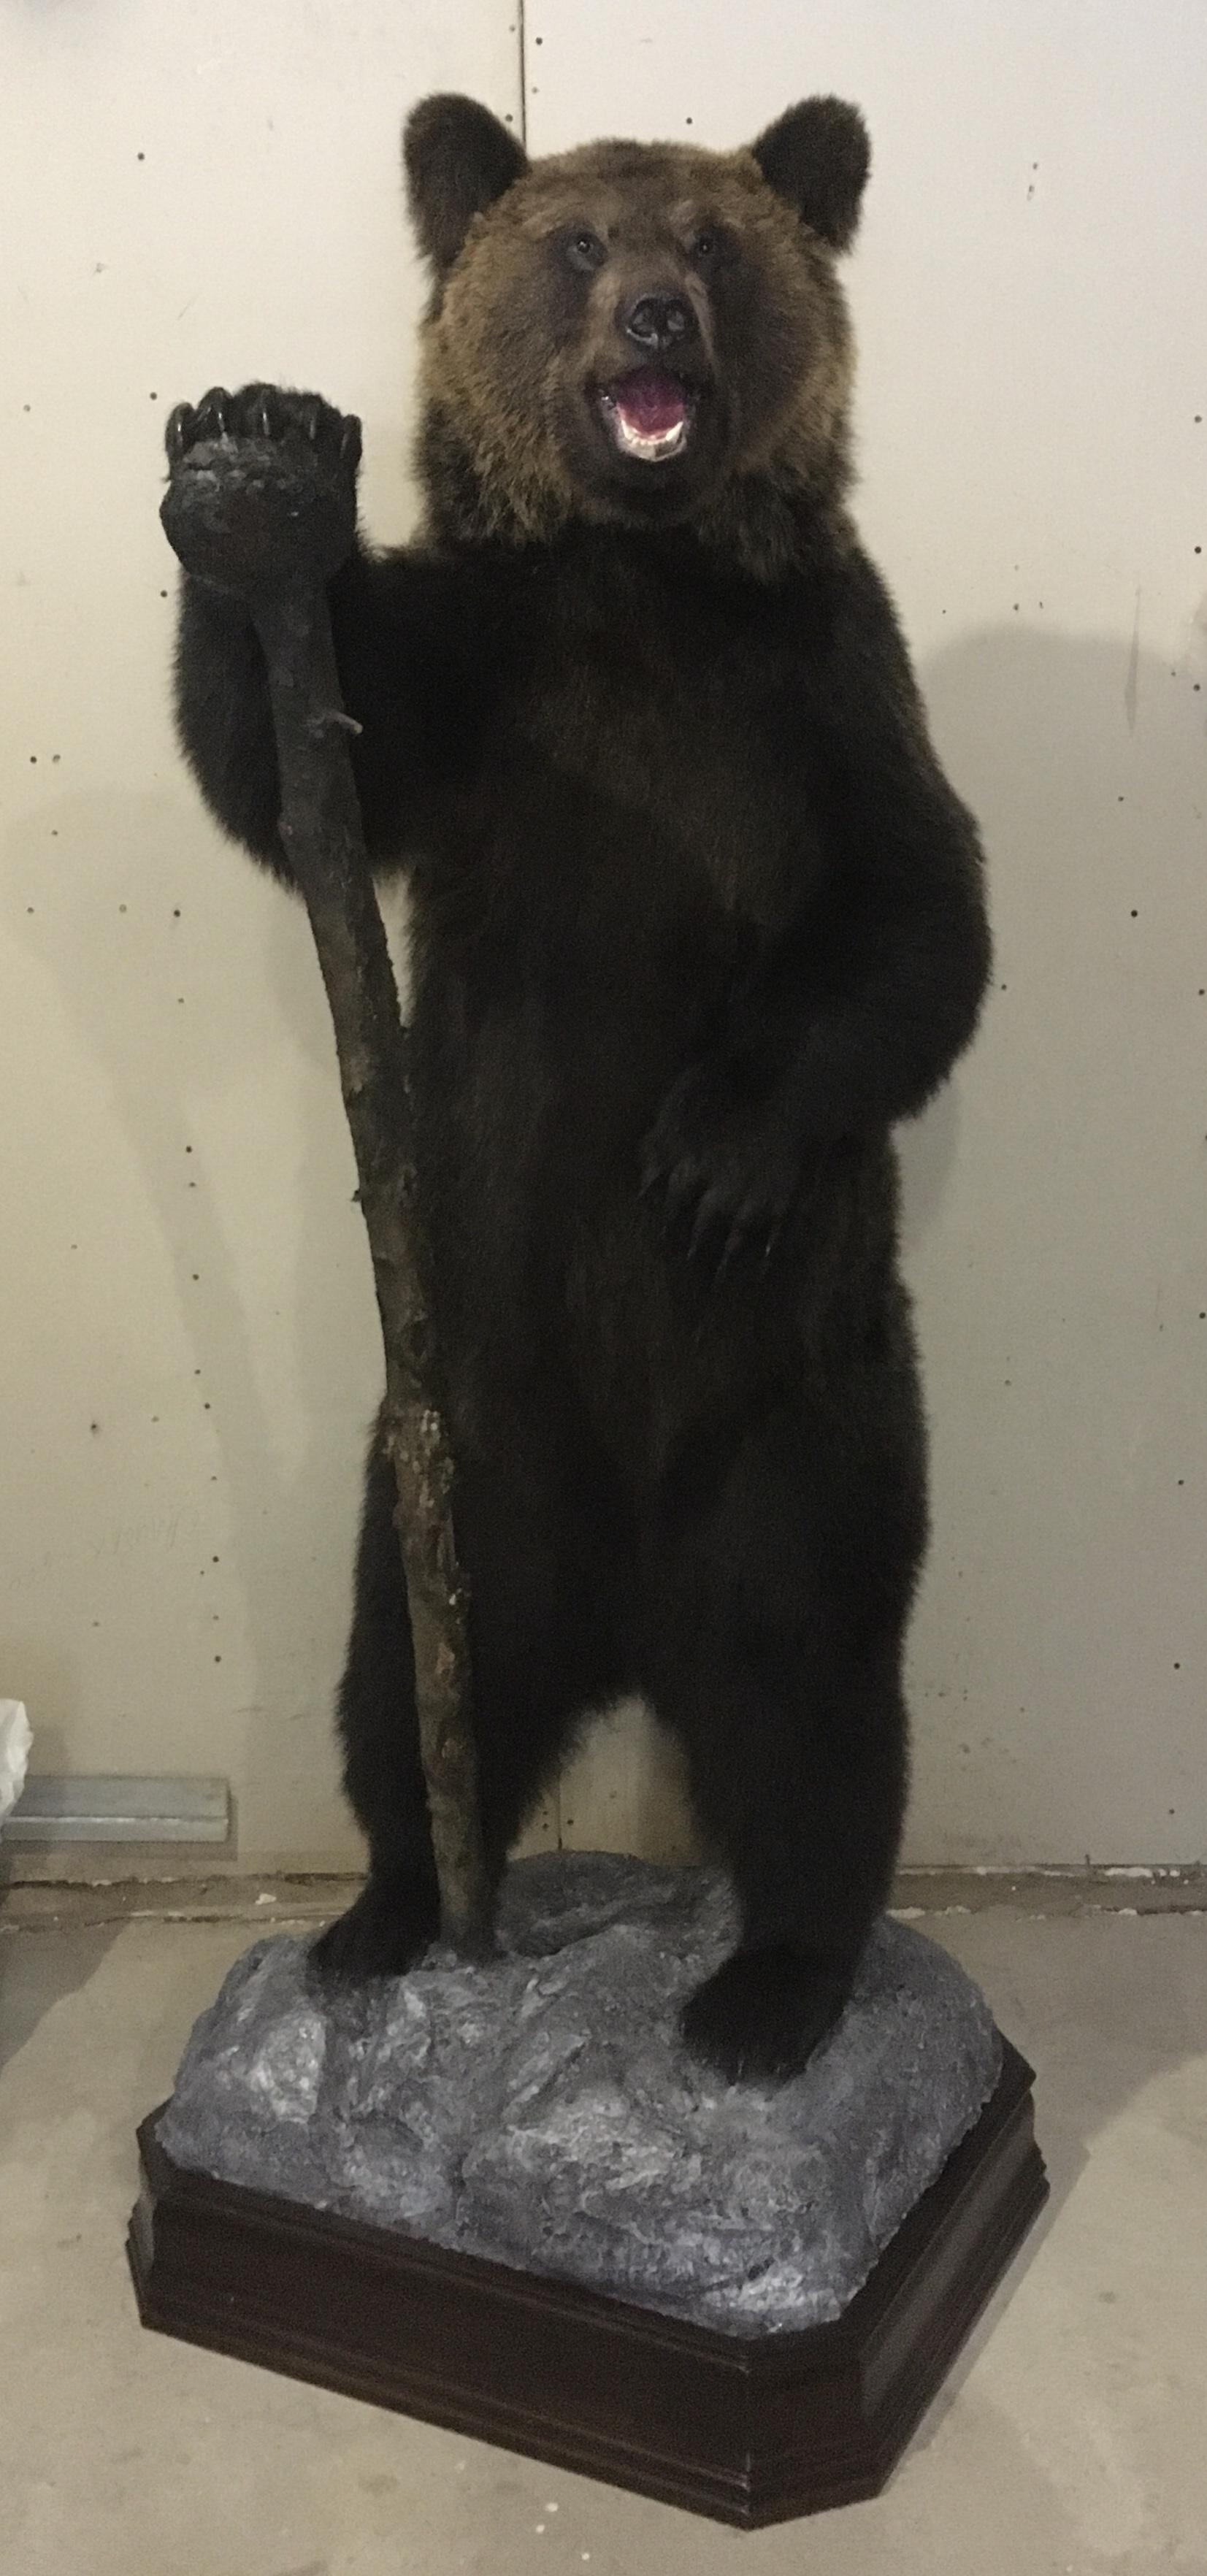 Купить чучело медведя,чучело головы медведя,чучело медведя в полный рост